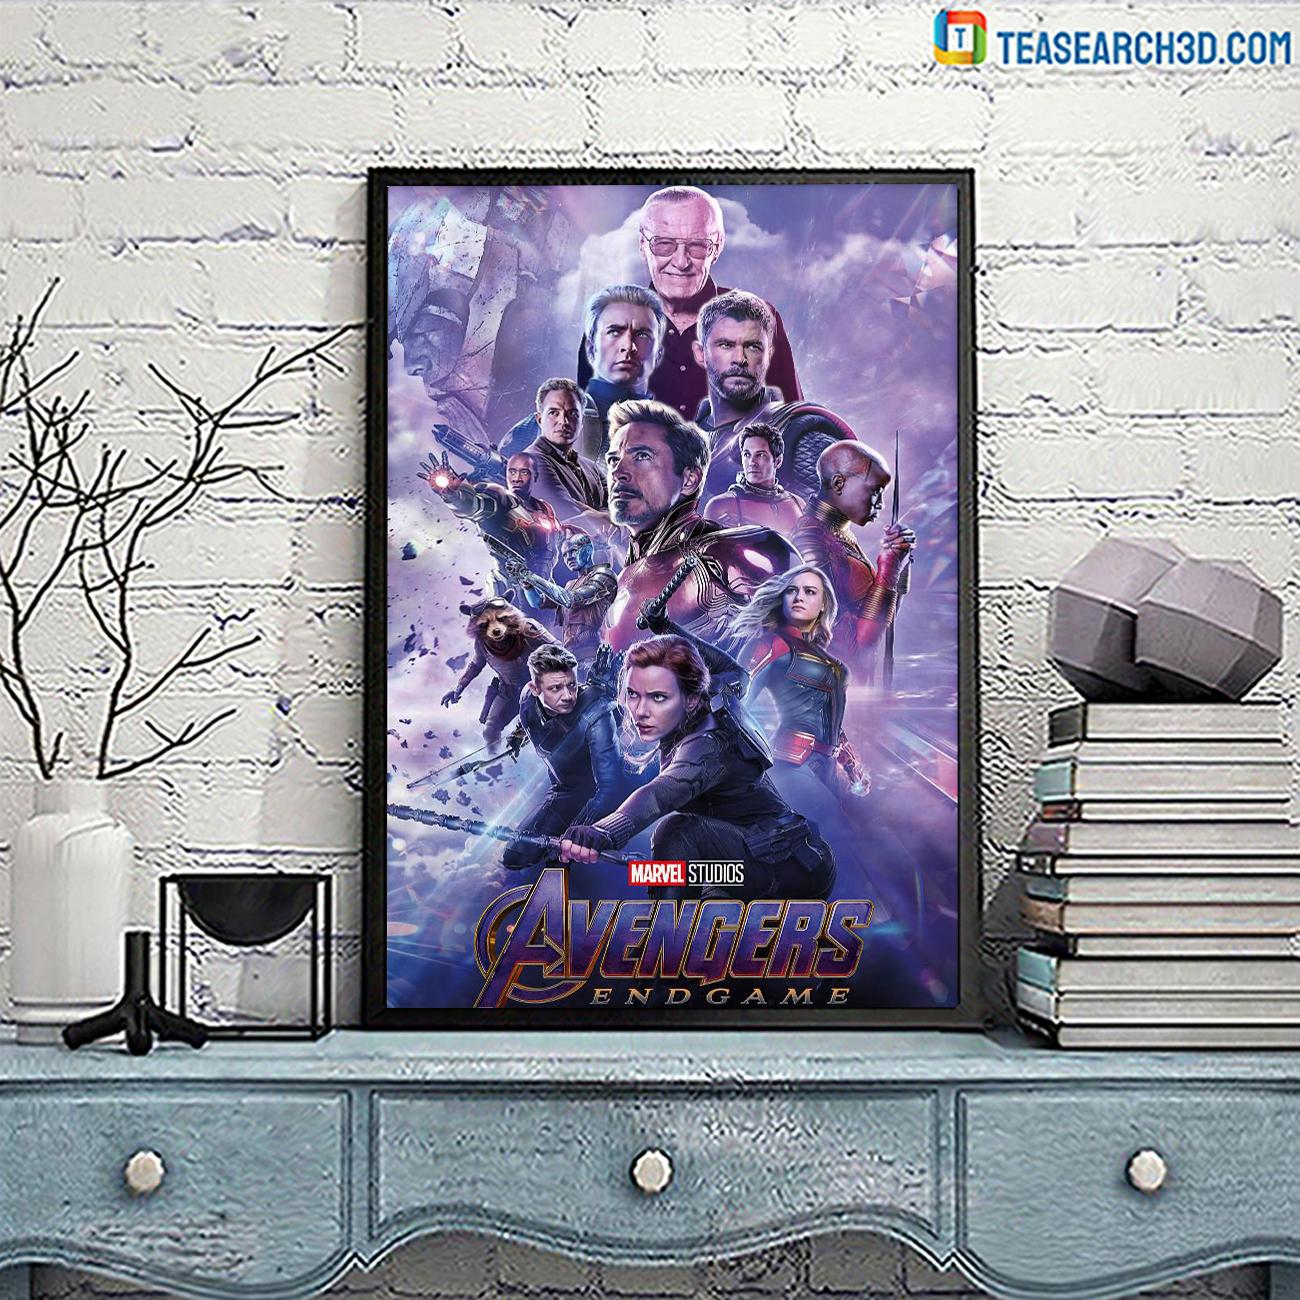 Avengers endgame marvel studio poster A3